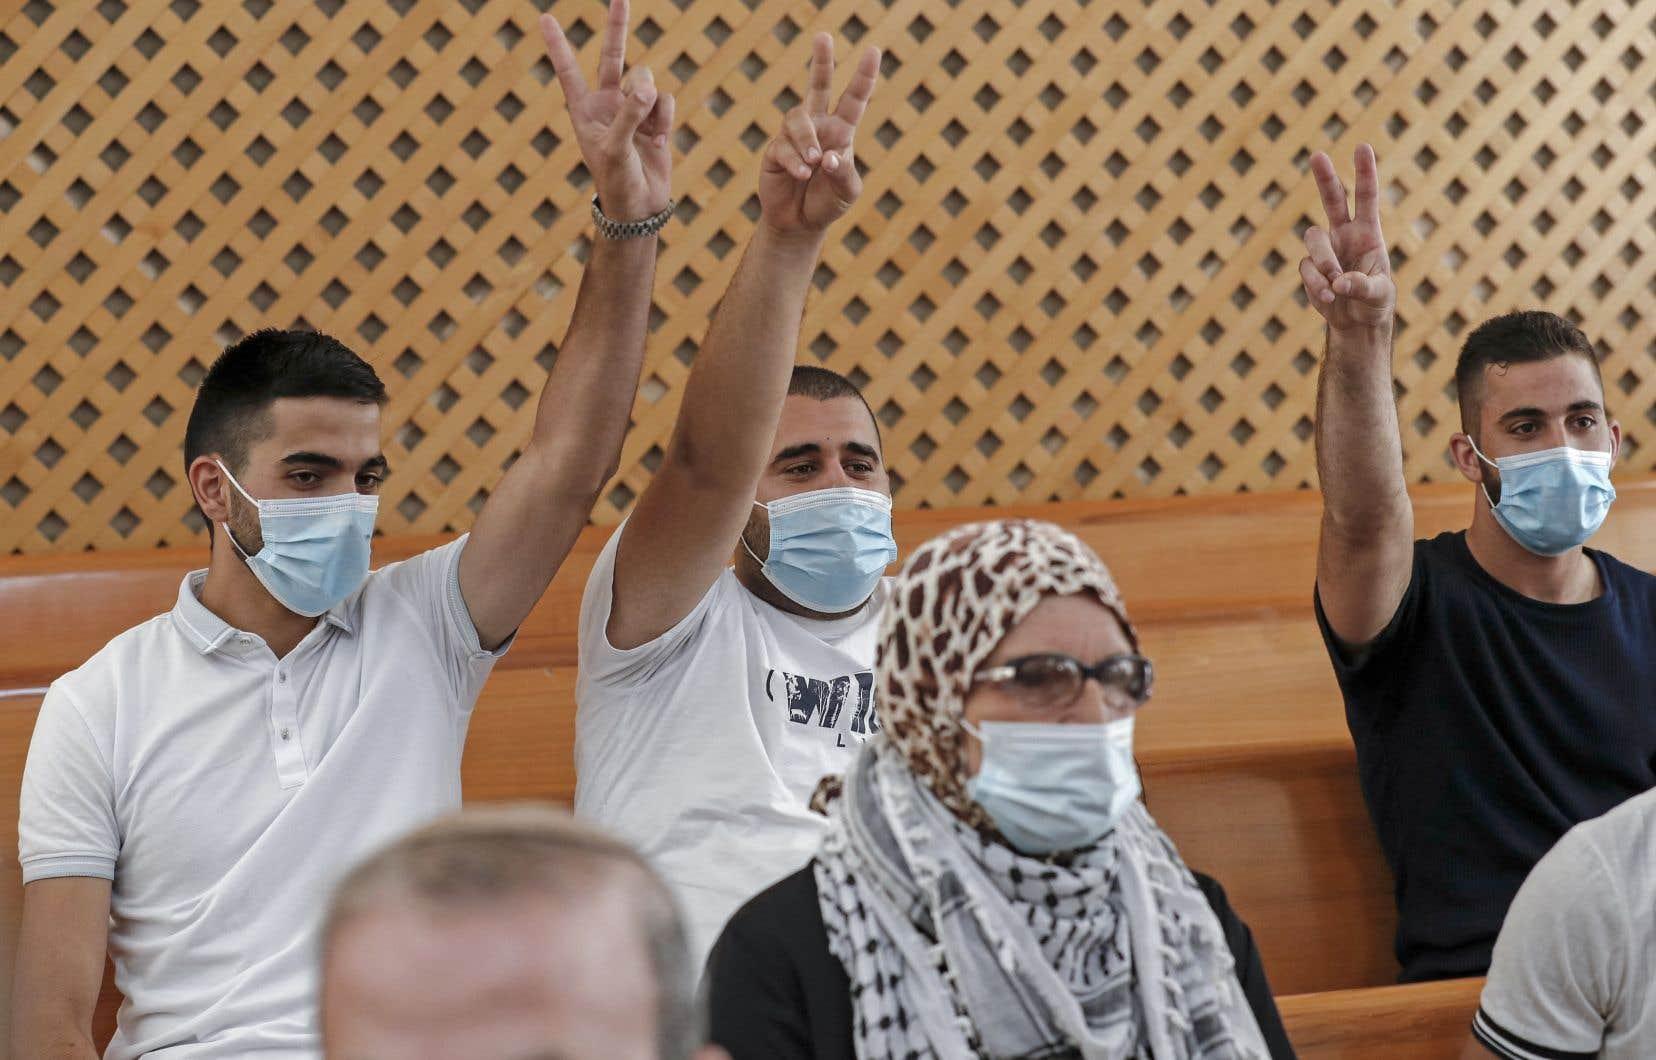 Quatre familles palestiniennes habitant à Cheikh Jarrah, dans le secteur palestinien de Jérusalem occupé et annexé par Israël en 1967, avaient saisi la Cour suprême après que les tribunaux inférieurs aient décidé de leur évacuation au profit de colons israéliens.